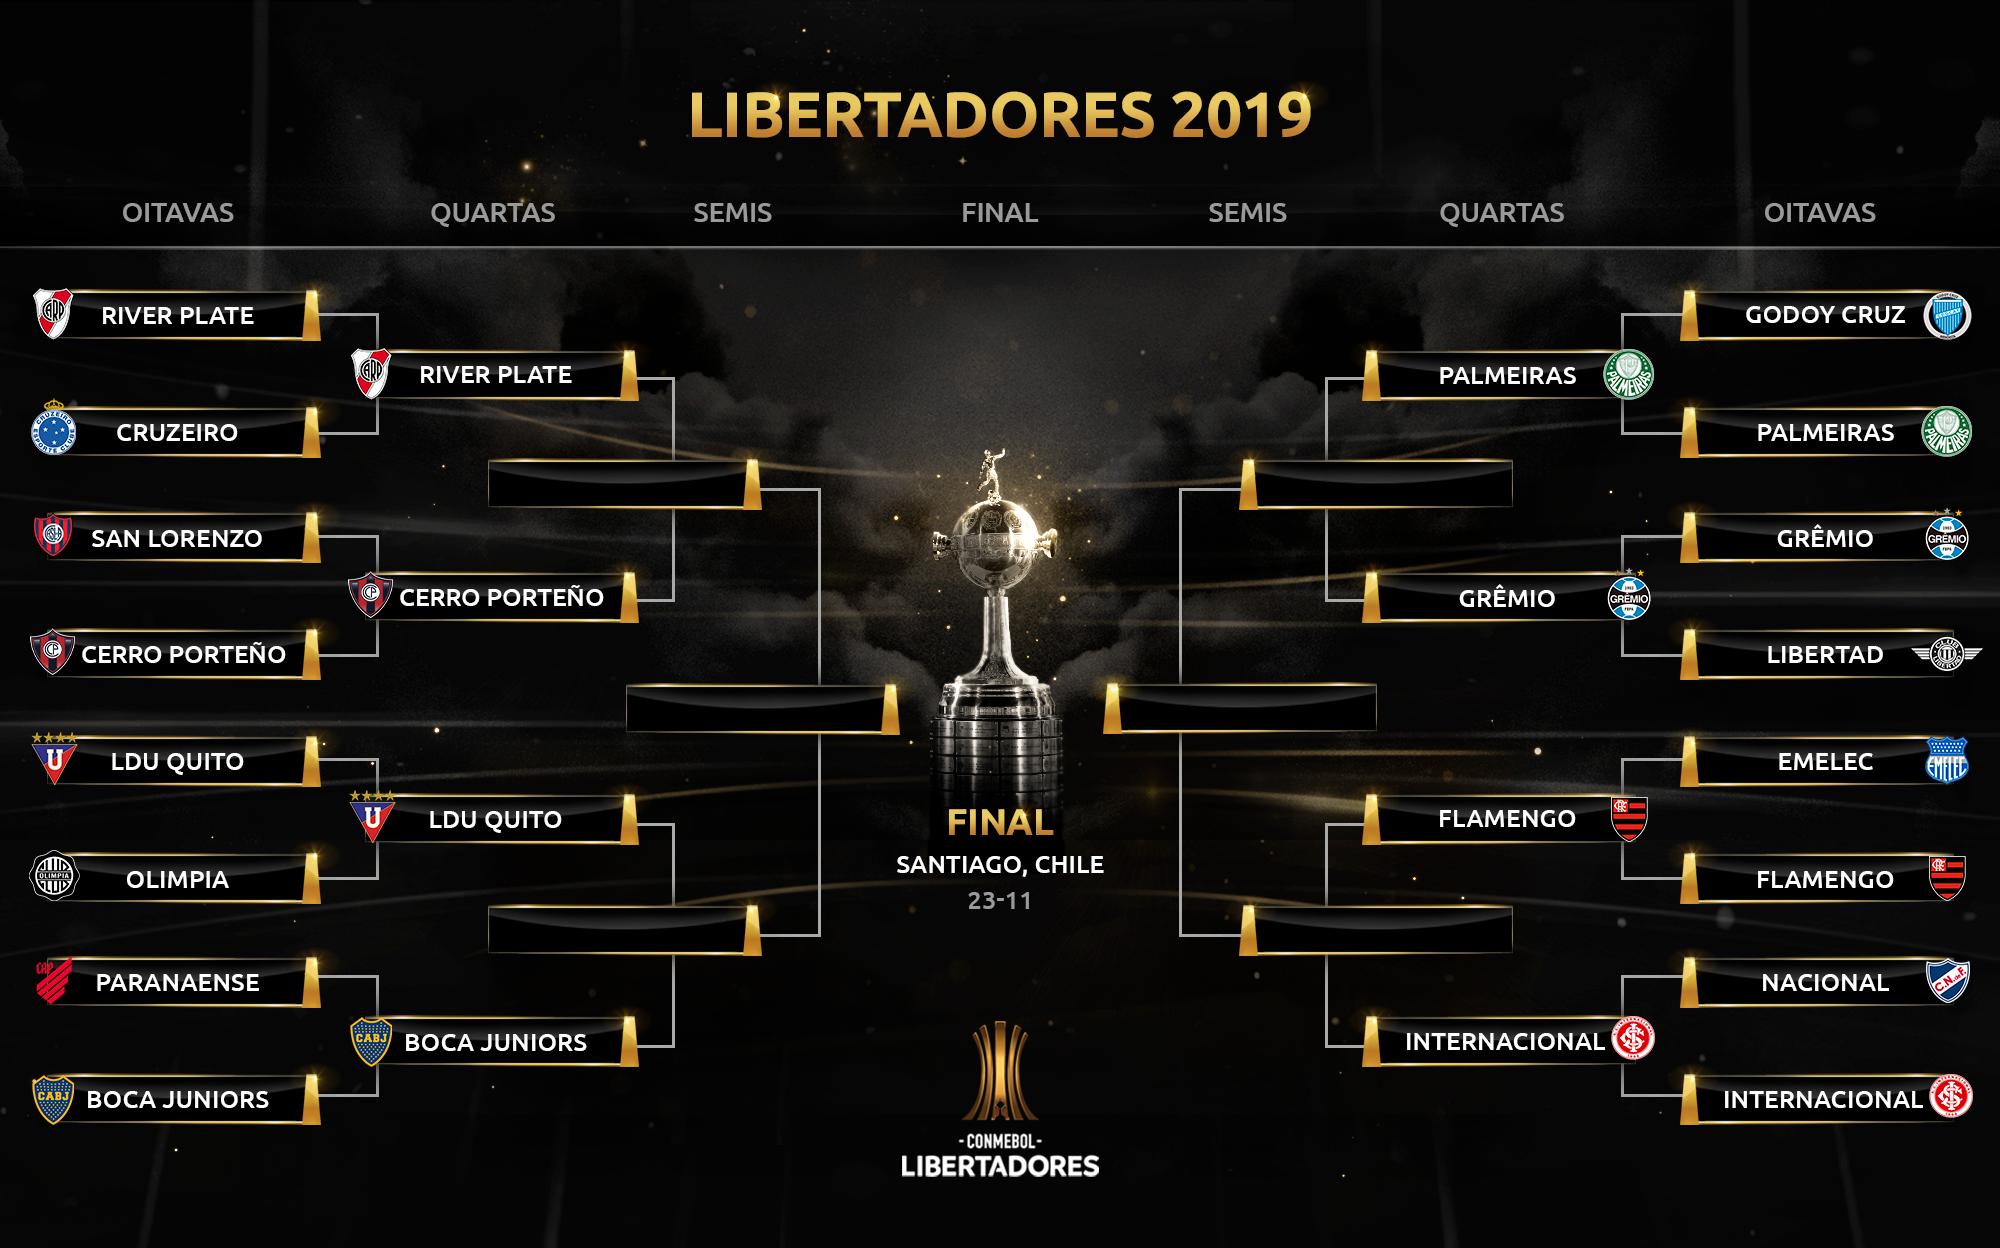 Quartas - Libertadores